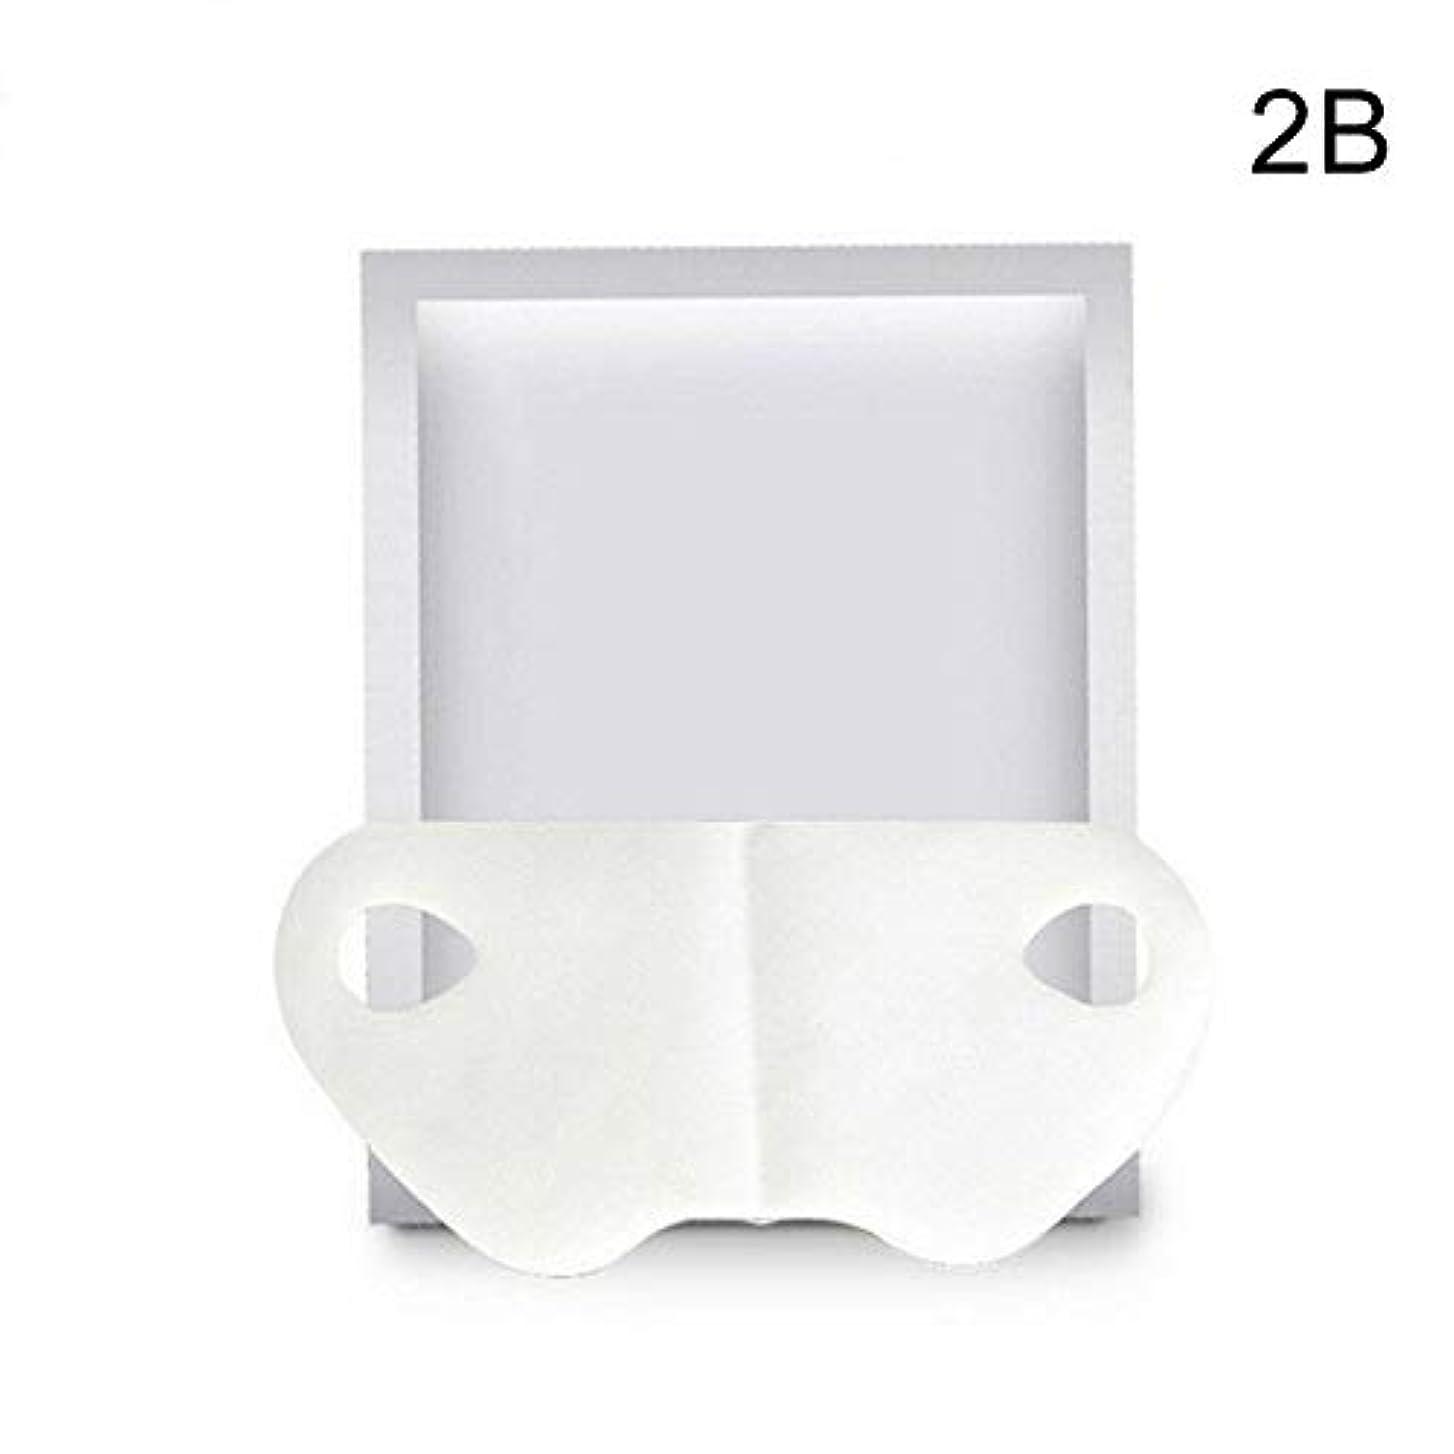 社会主義者細心のデモンストレーションProfeel  保湿フェイスファーミングマスクをホワイトニングするV字型スリミングフェイスマスク